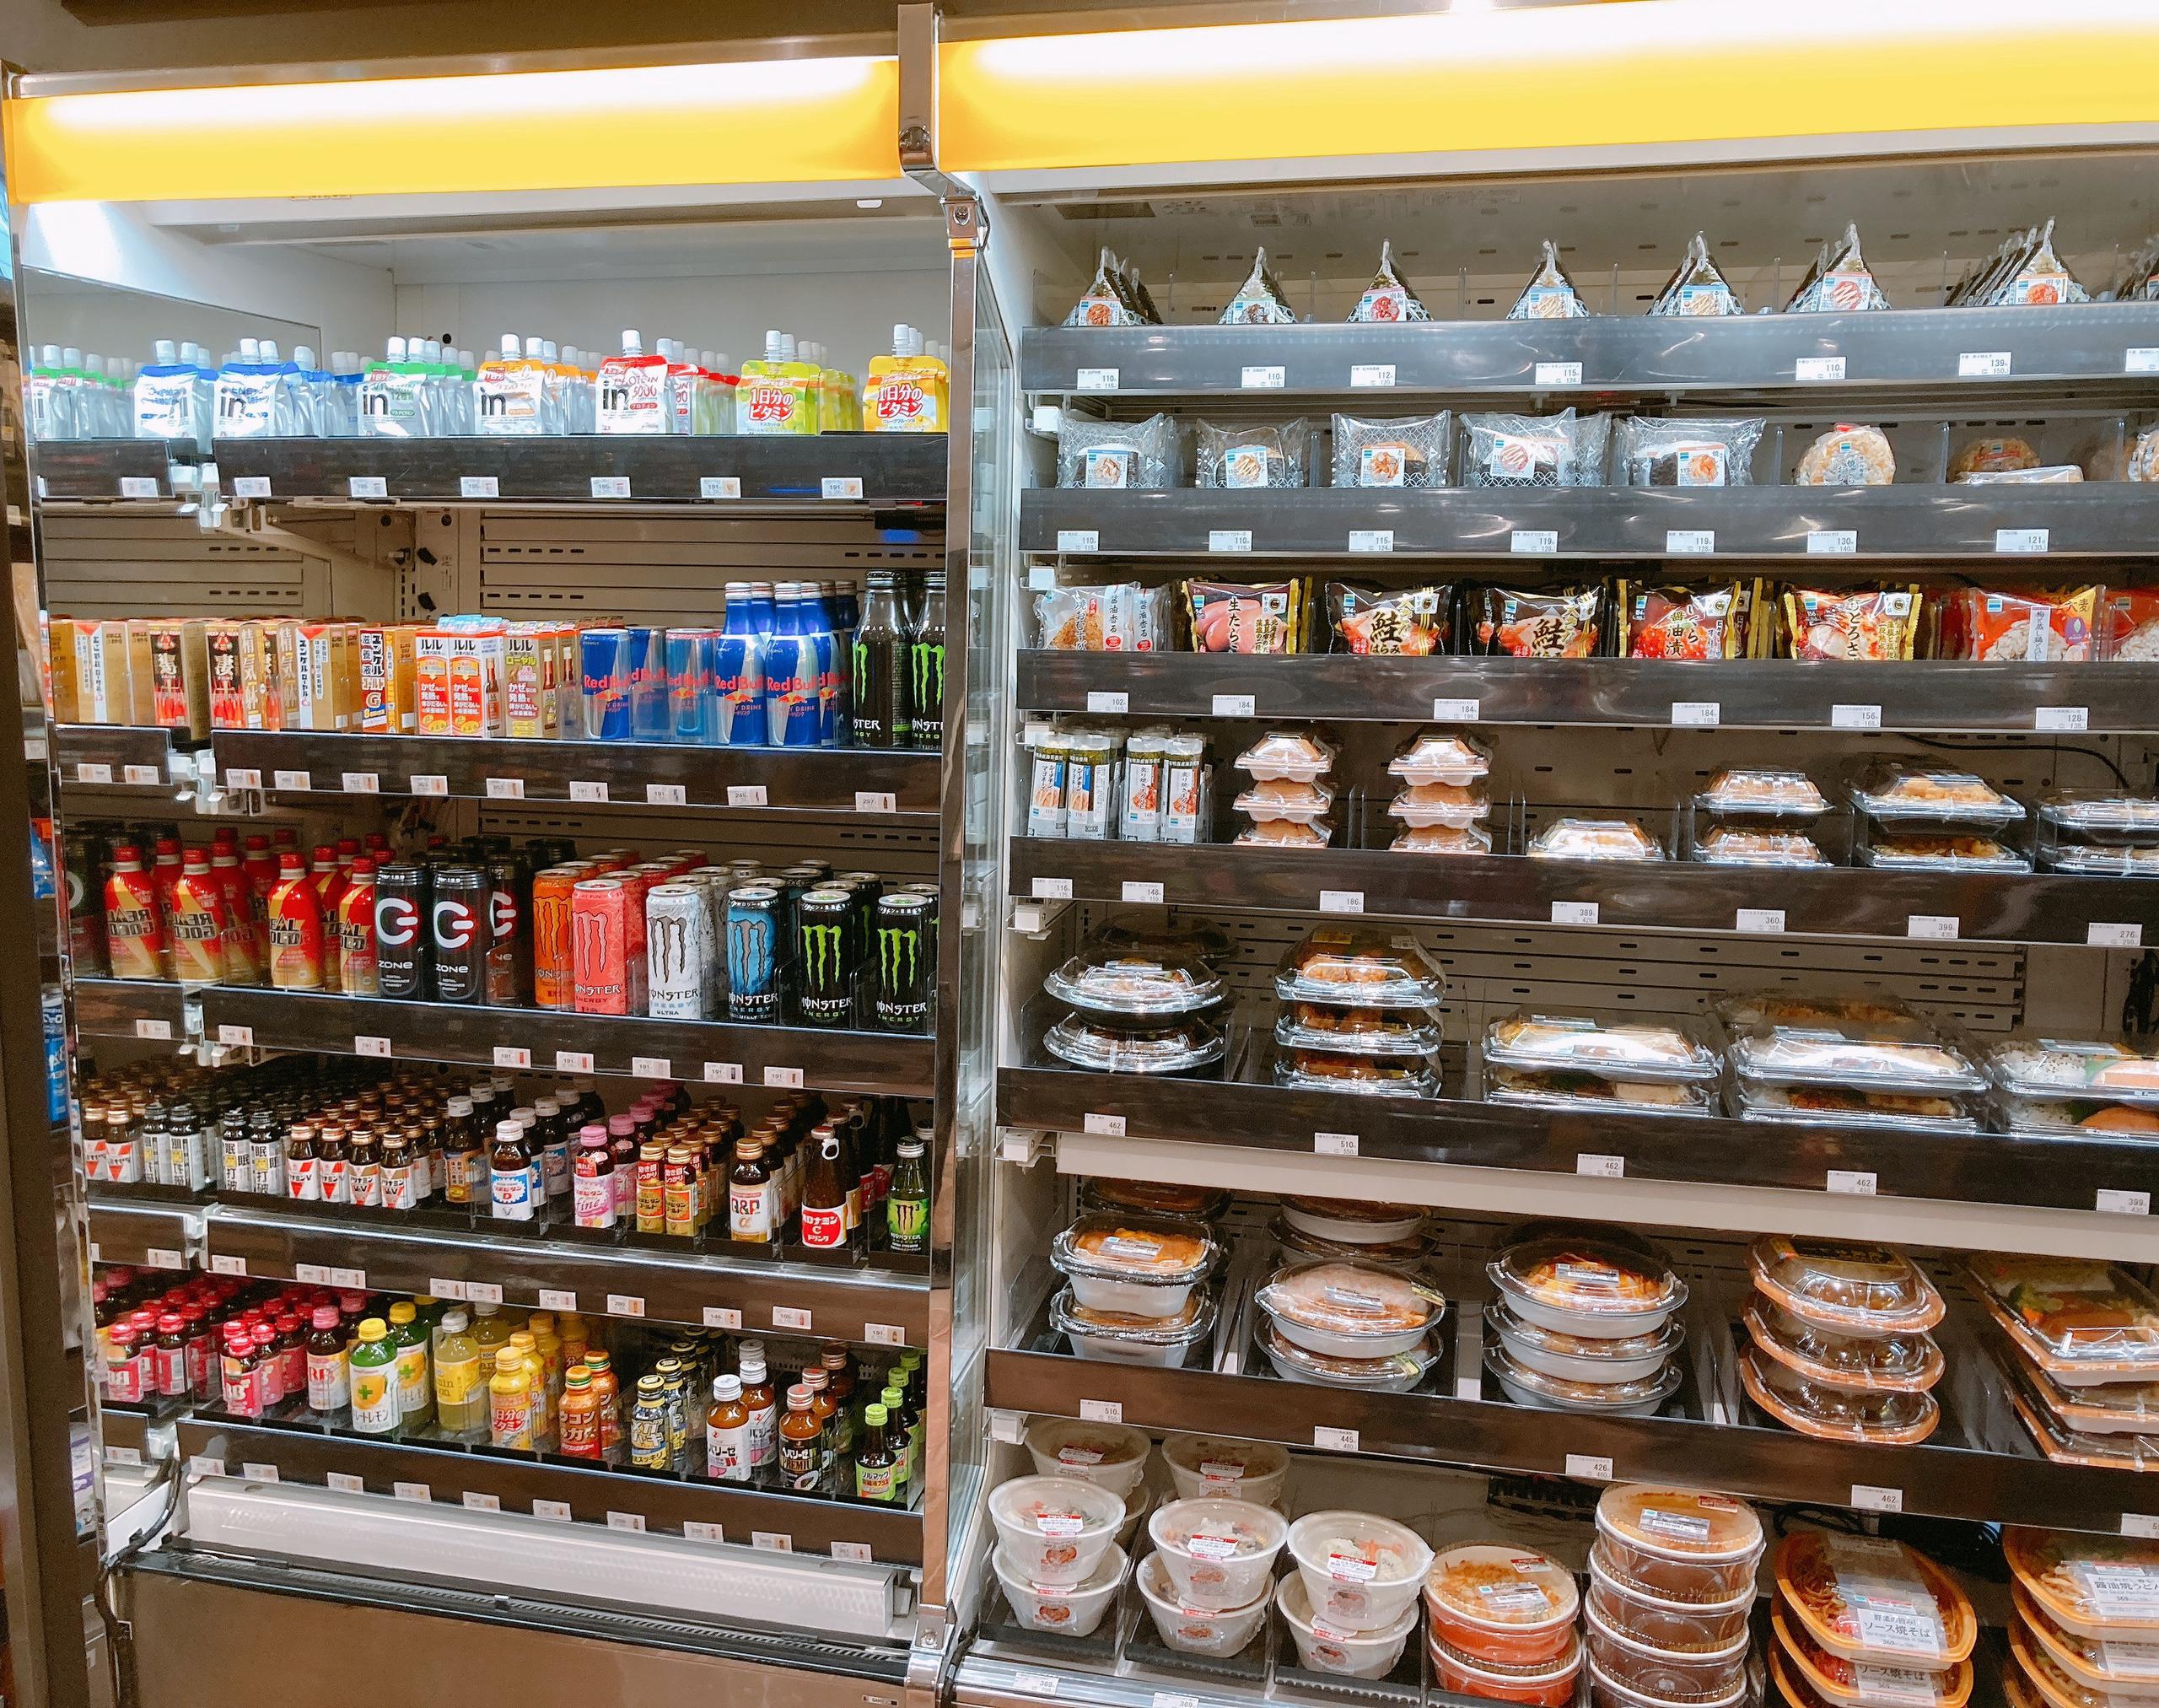 """Trải nghiệm mua sắm tại """"cửa hàng tiện lợi không nhân viên"""" đầu tiên được ứng dụng tại Nhật Bản - Ảnh 4."""